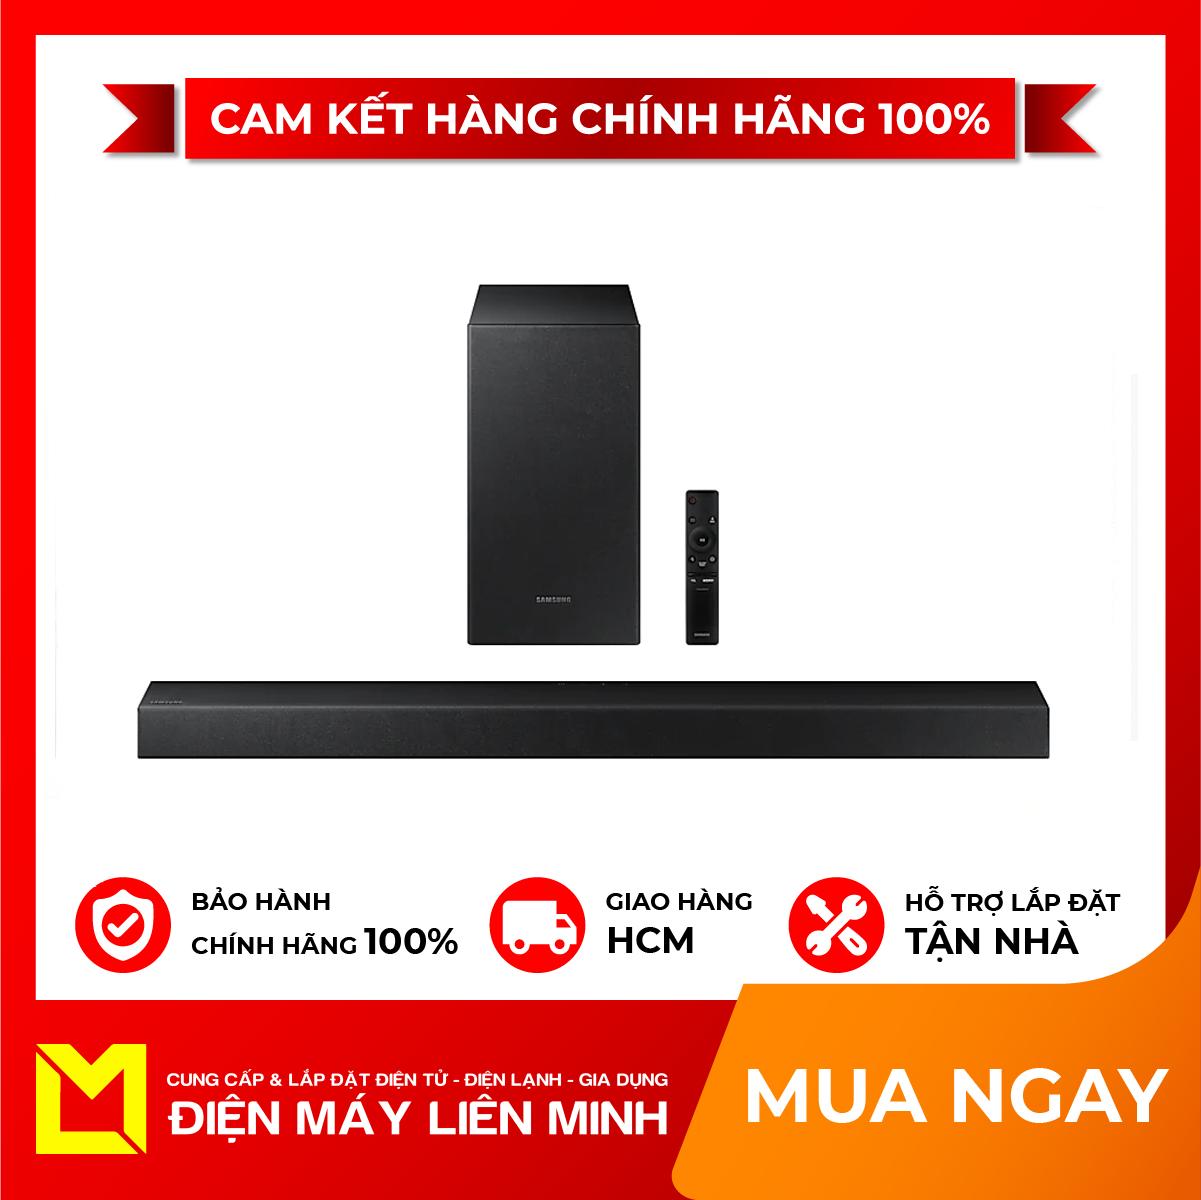 Loa thanh soundbar Samsung HW-T420/XV 2.1ch, Có cổng USB,Có kèm remote,Bluetooth 2.0, công suất:150 W